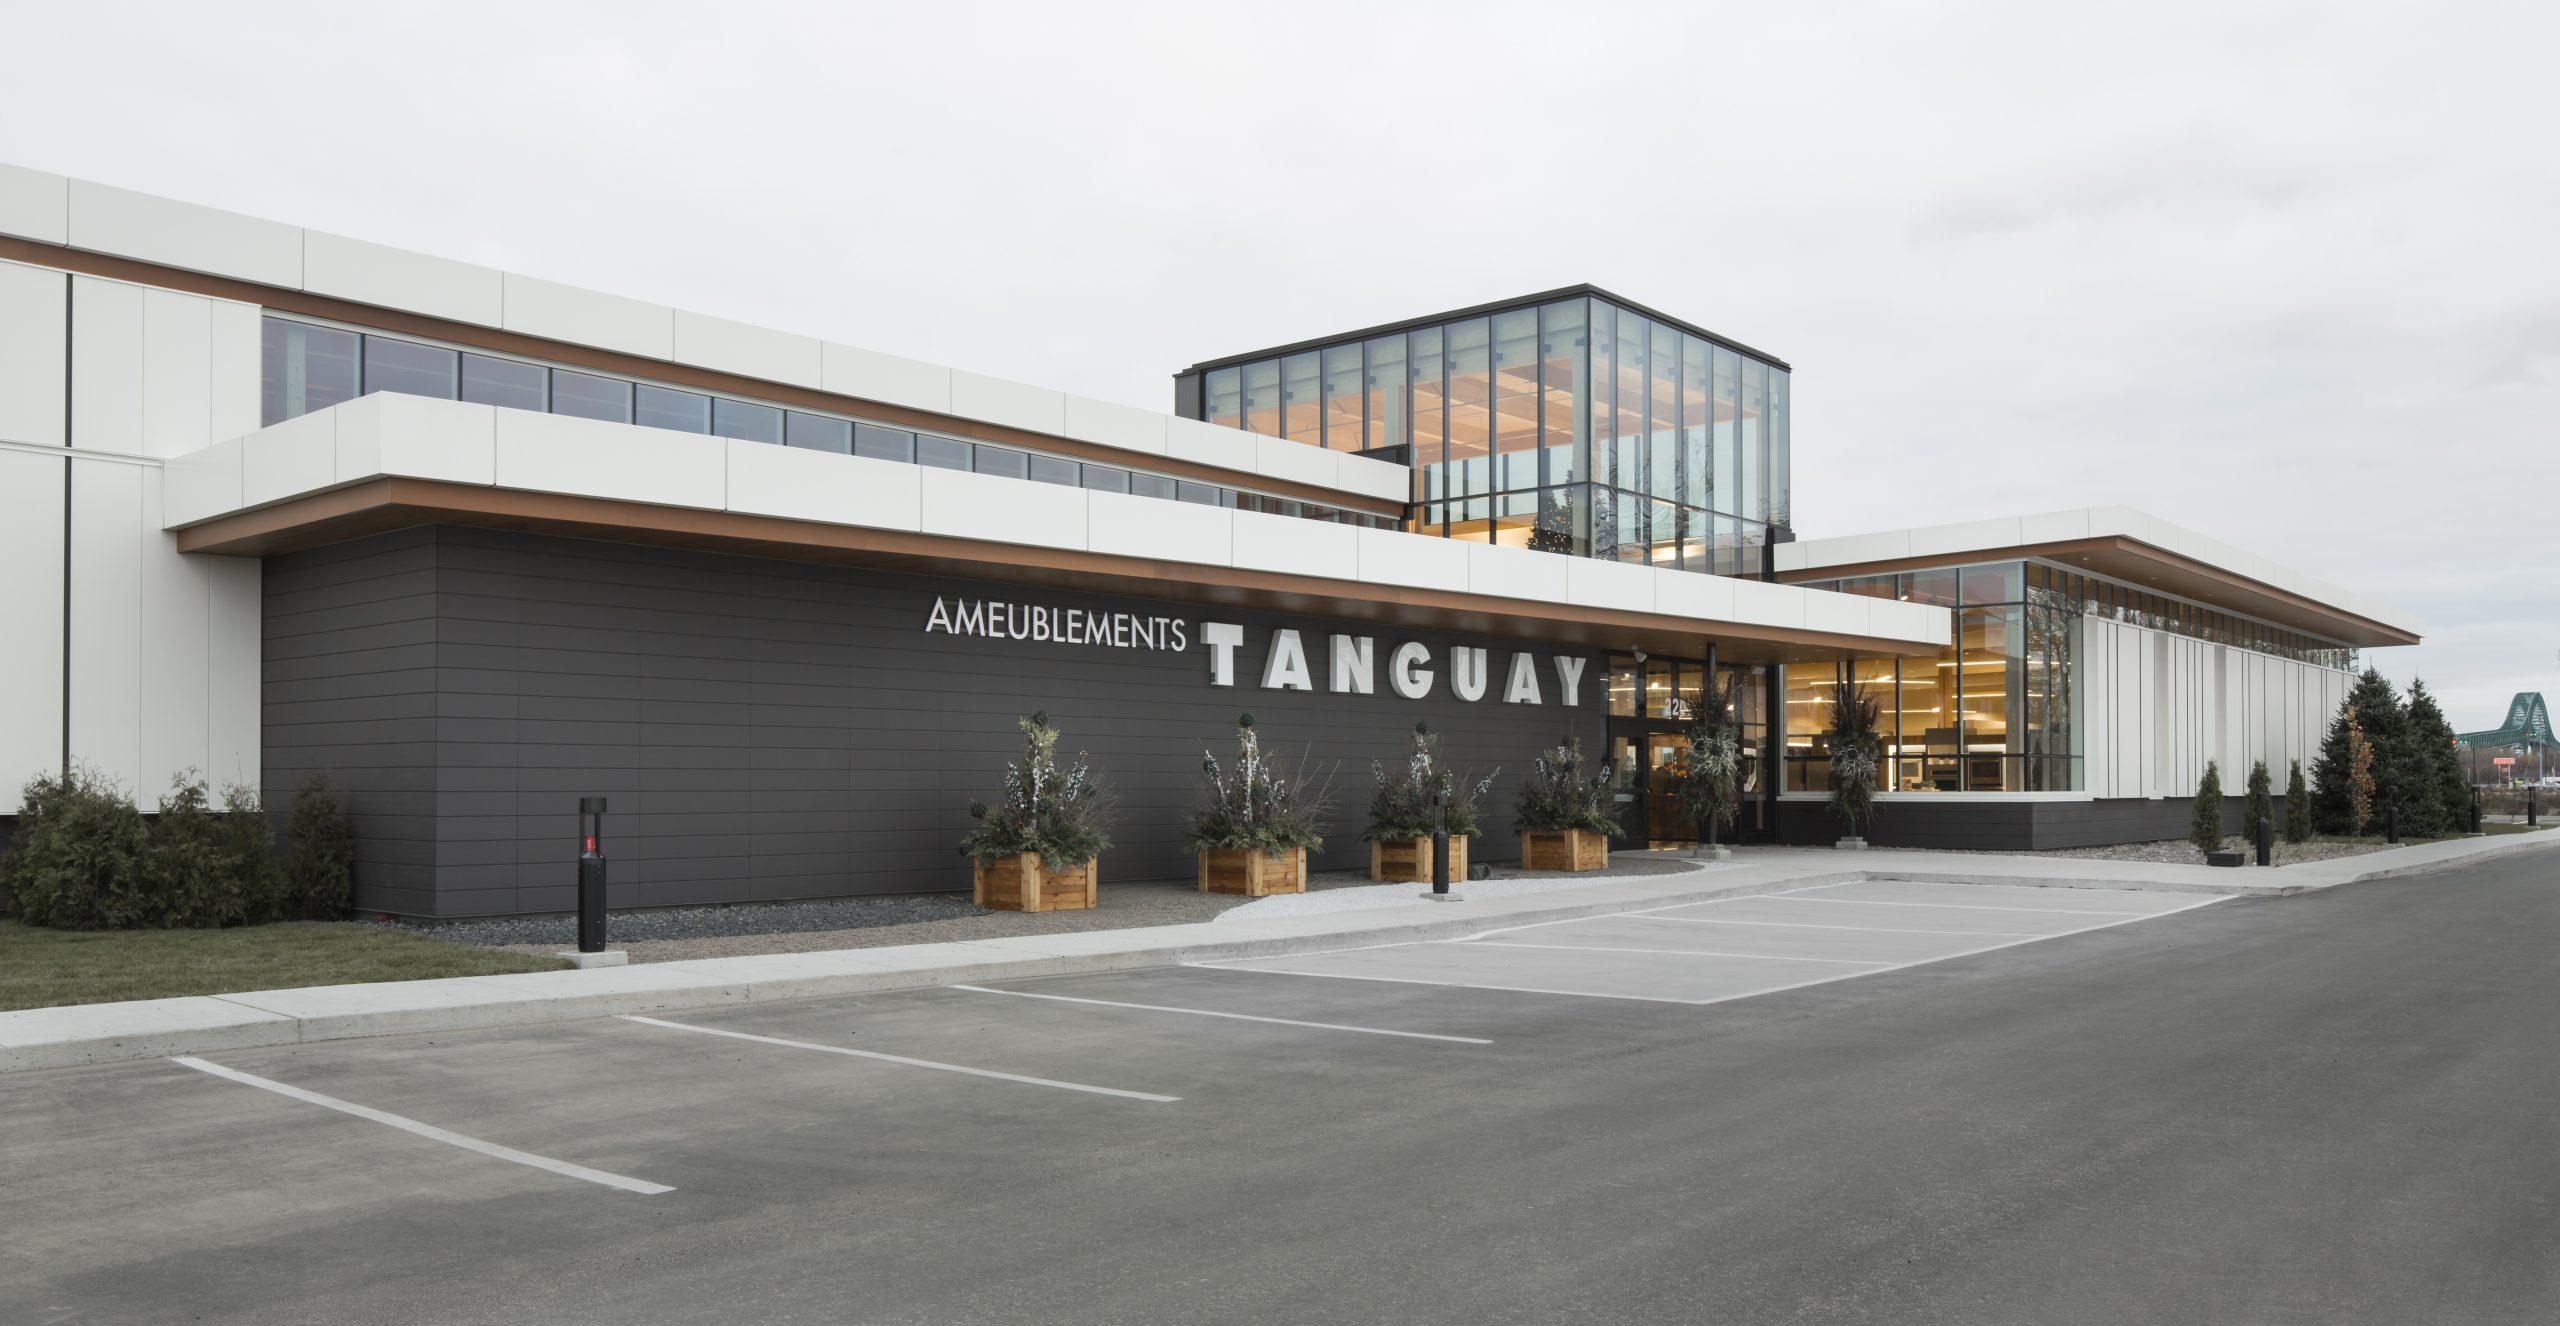 TanguayTrois-Rivières Cecobois 2